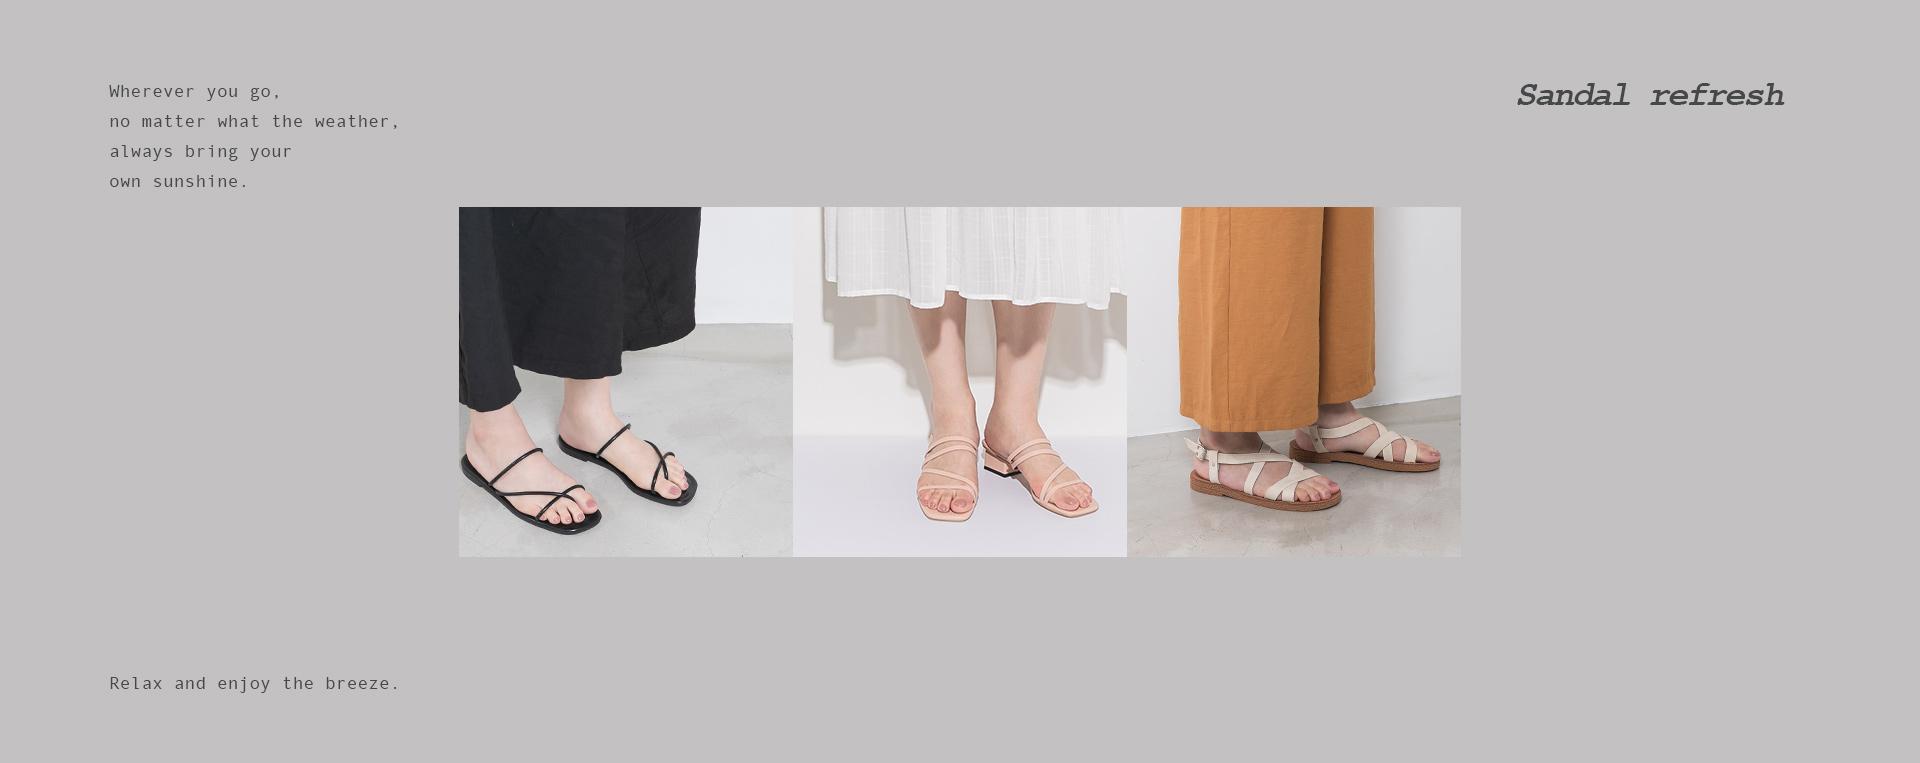 2019夏季涼鞋 涼拖 拖鞋推薦